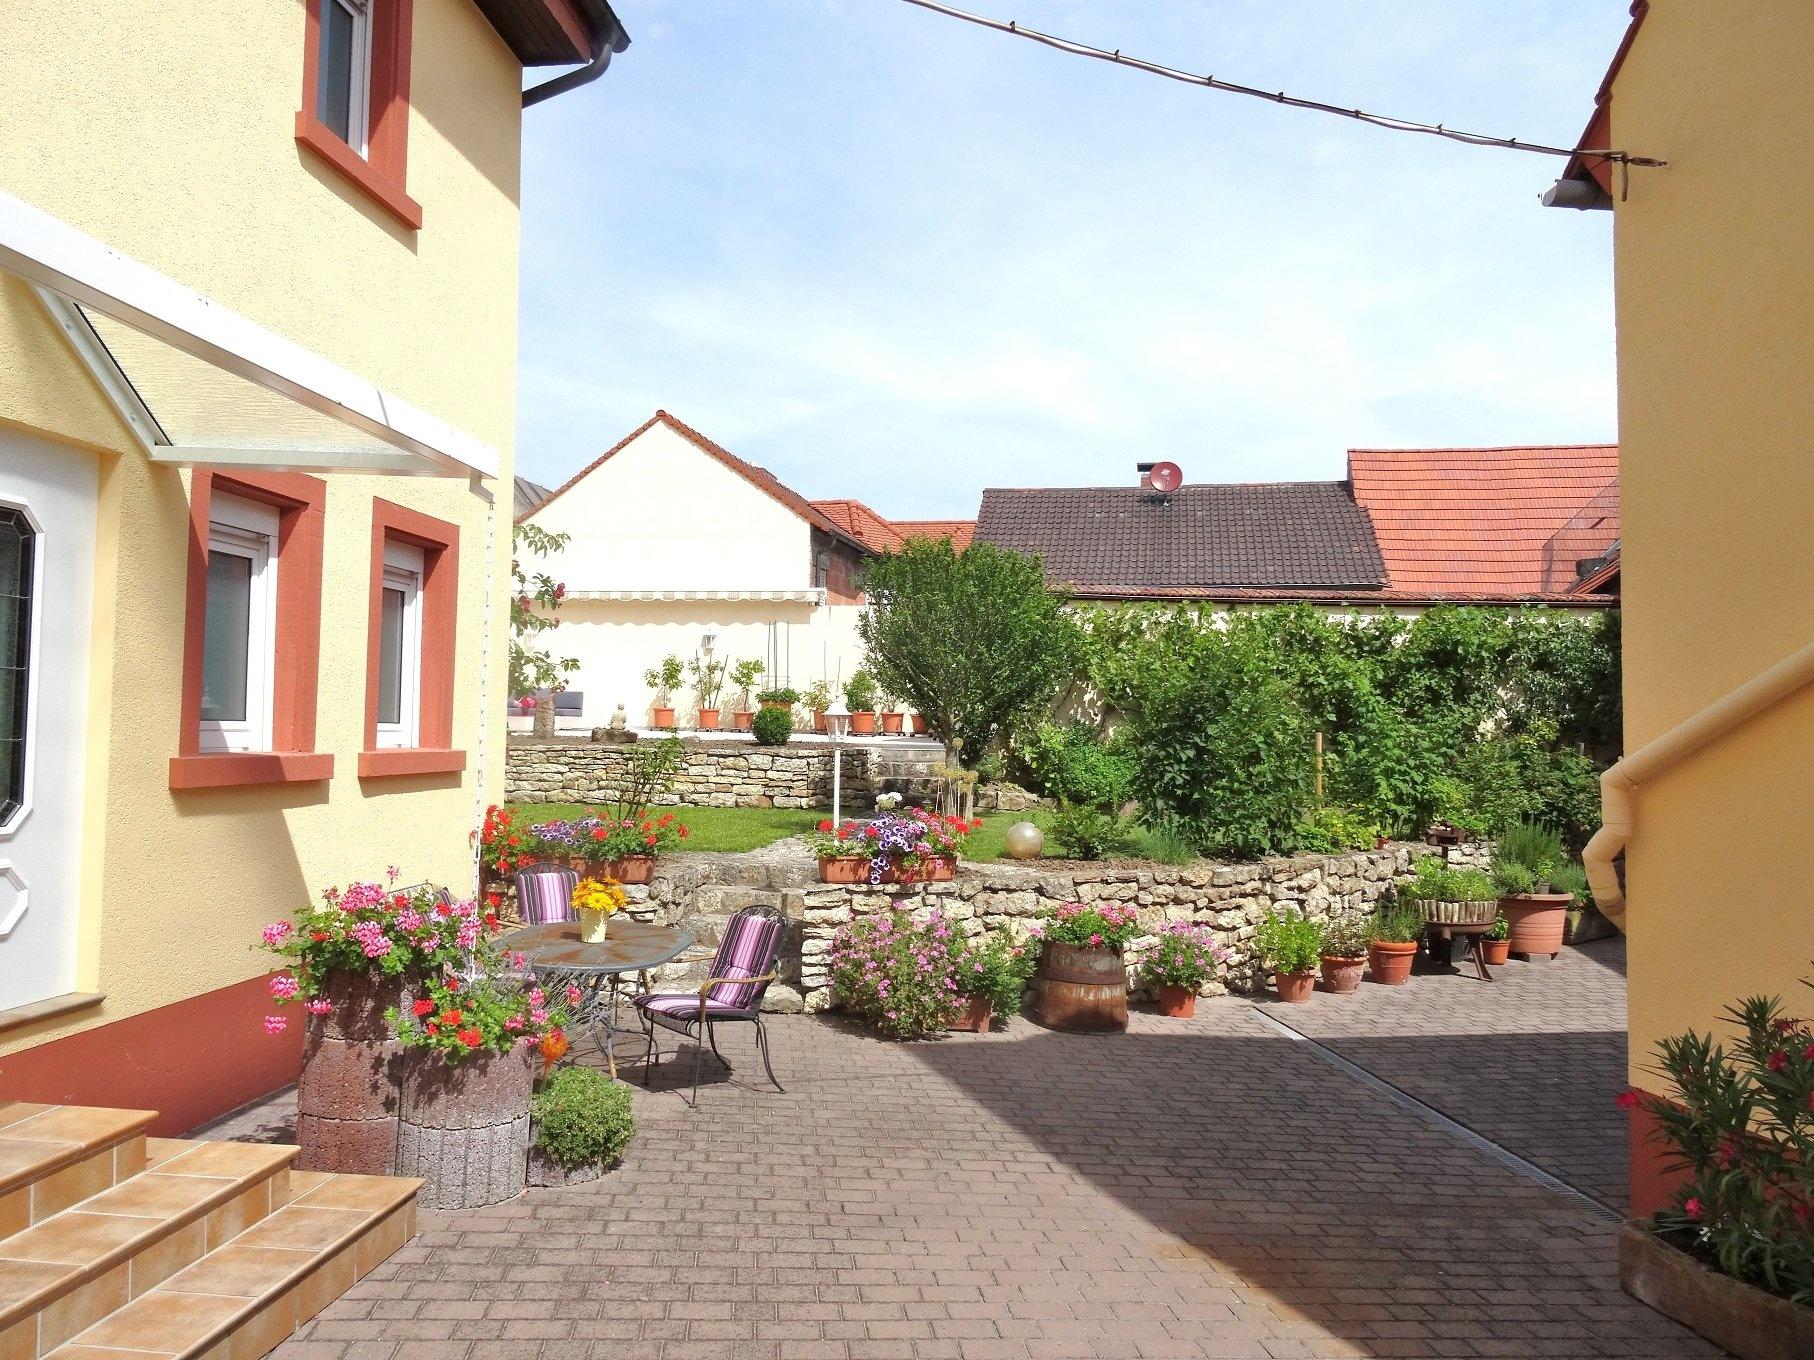 Reserviert!!! Urlaub fürs ganze Jahr! EFH mit aufbaufähiger Scheune und tollem Outdoor…, 67591 Mörstadt, Einfamilienhaus